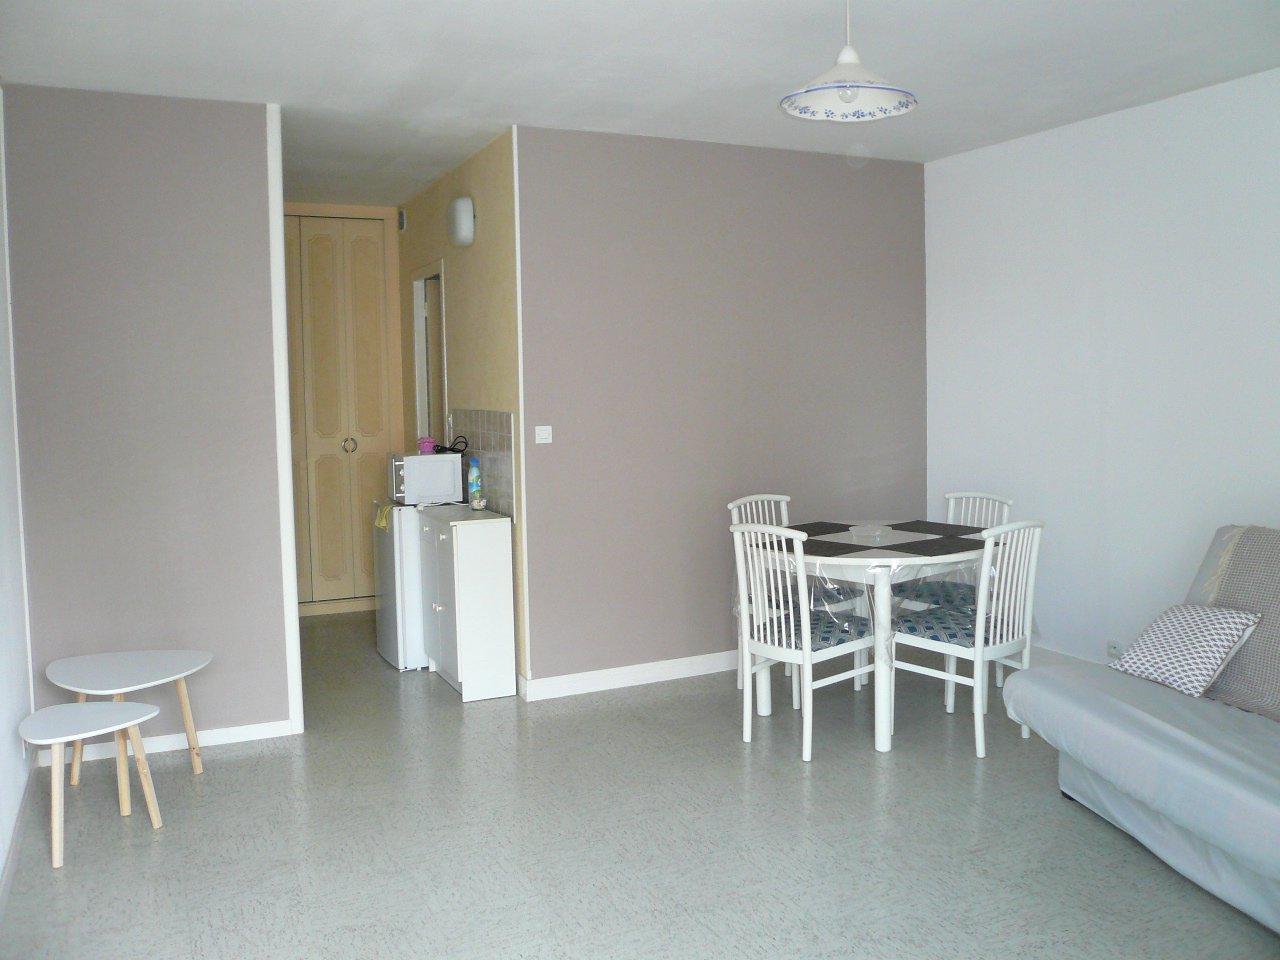 Studio - centre ville Thouars - 29 m² (env.)